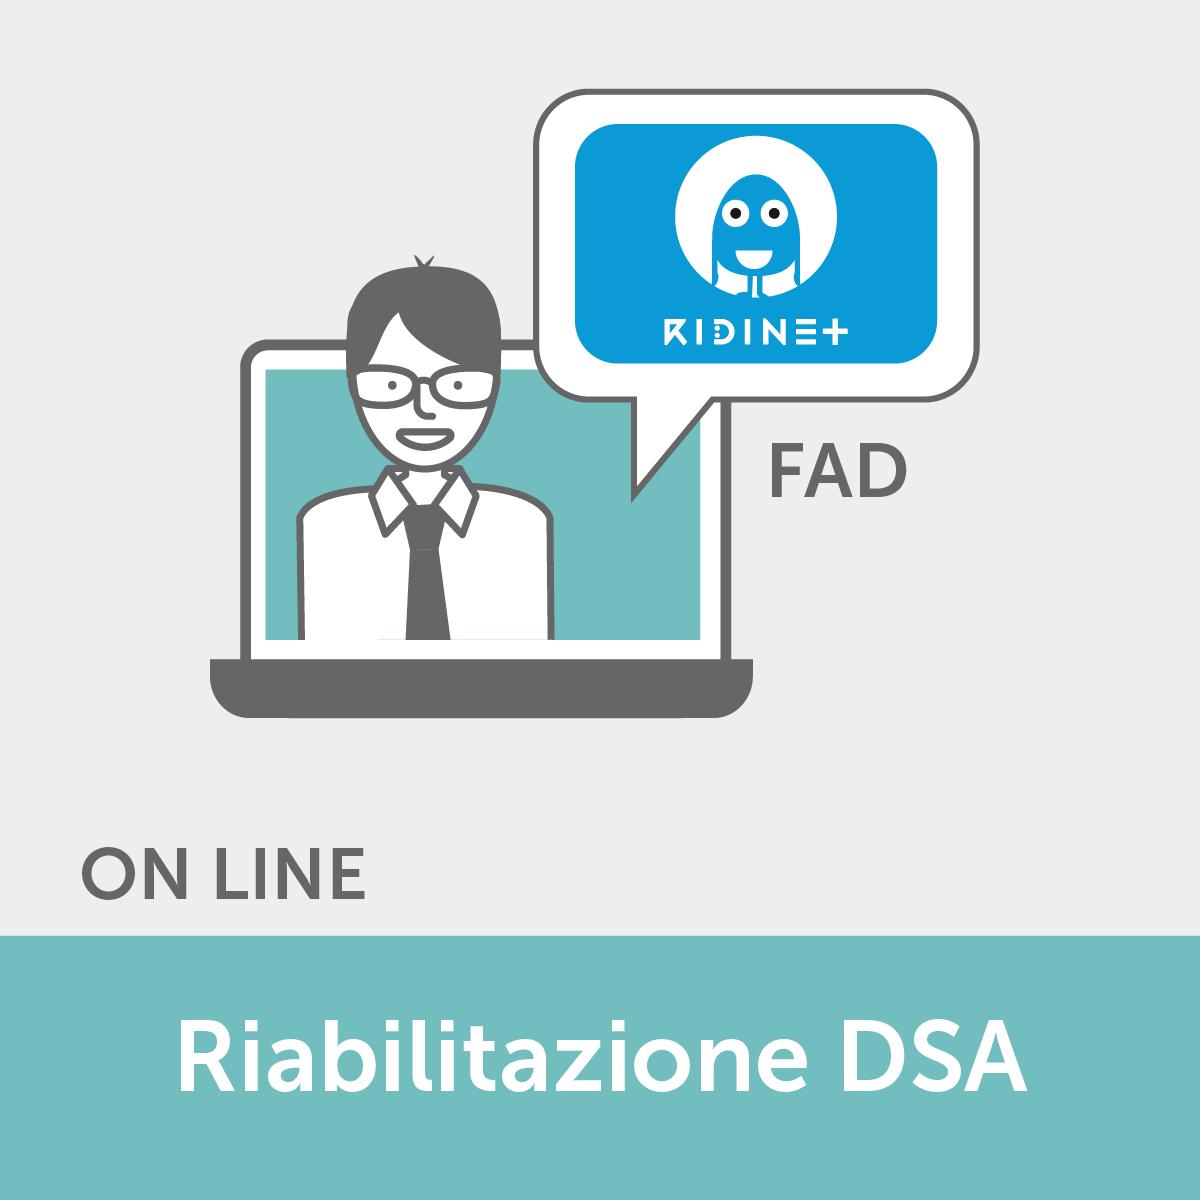 FAD ECM - Teleriabilitazione dei DSA e dei DL con RIDInet